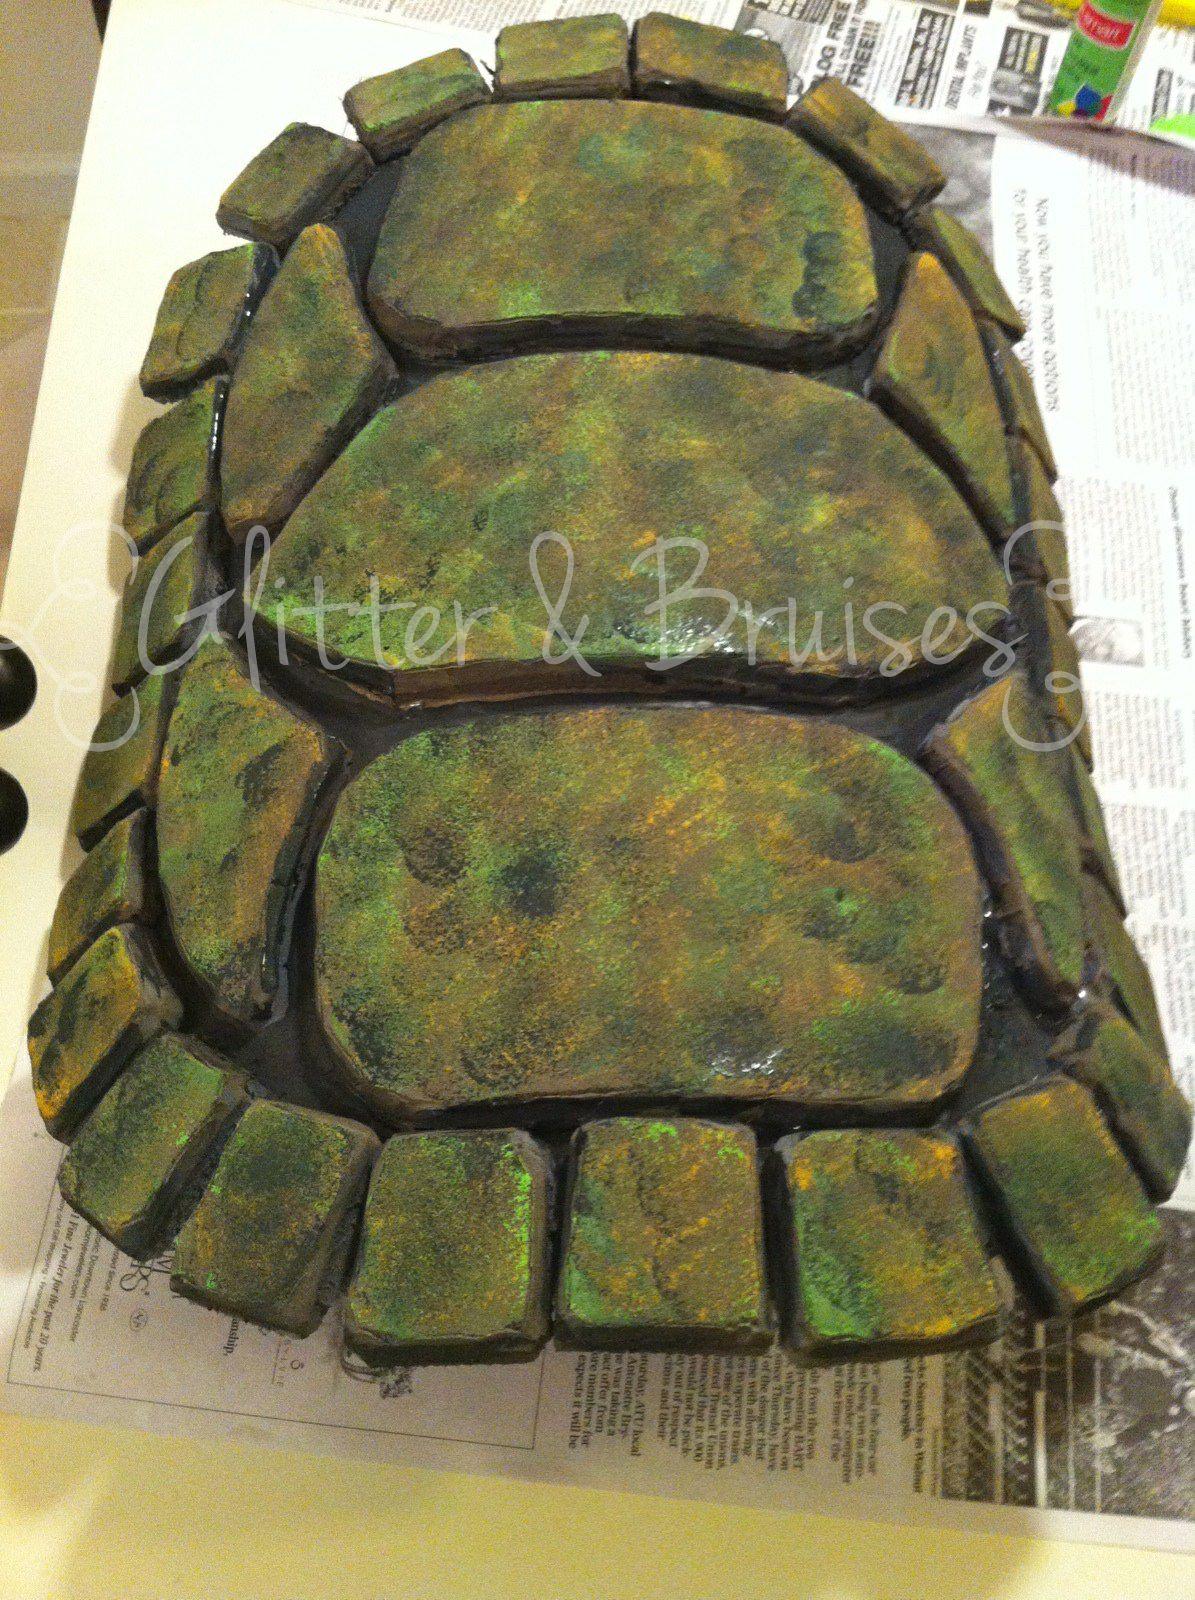 Teenage Mutant Ninja Turtle Halloween Costume